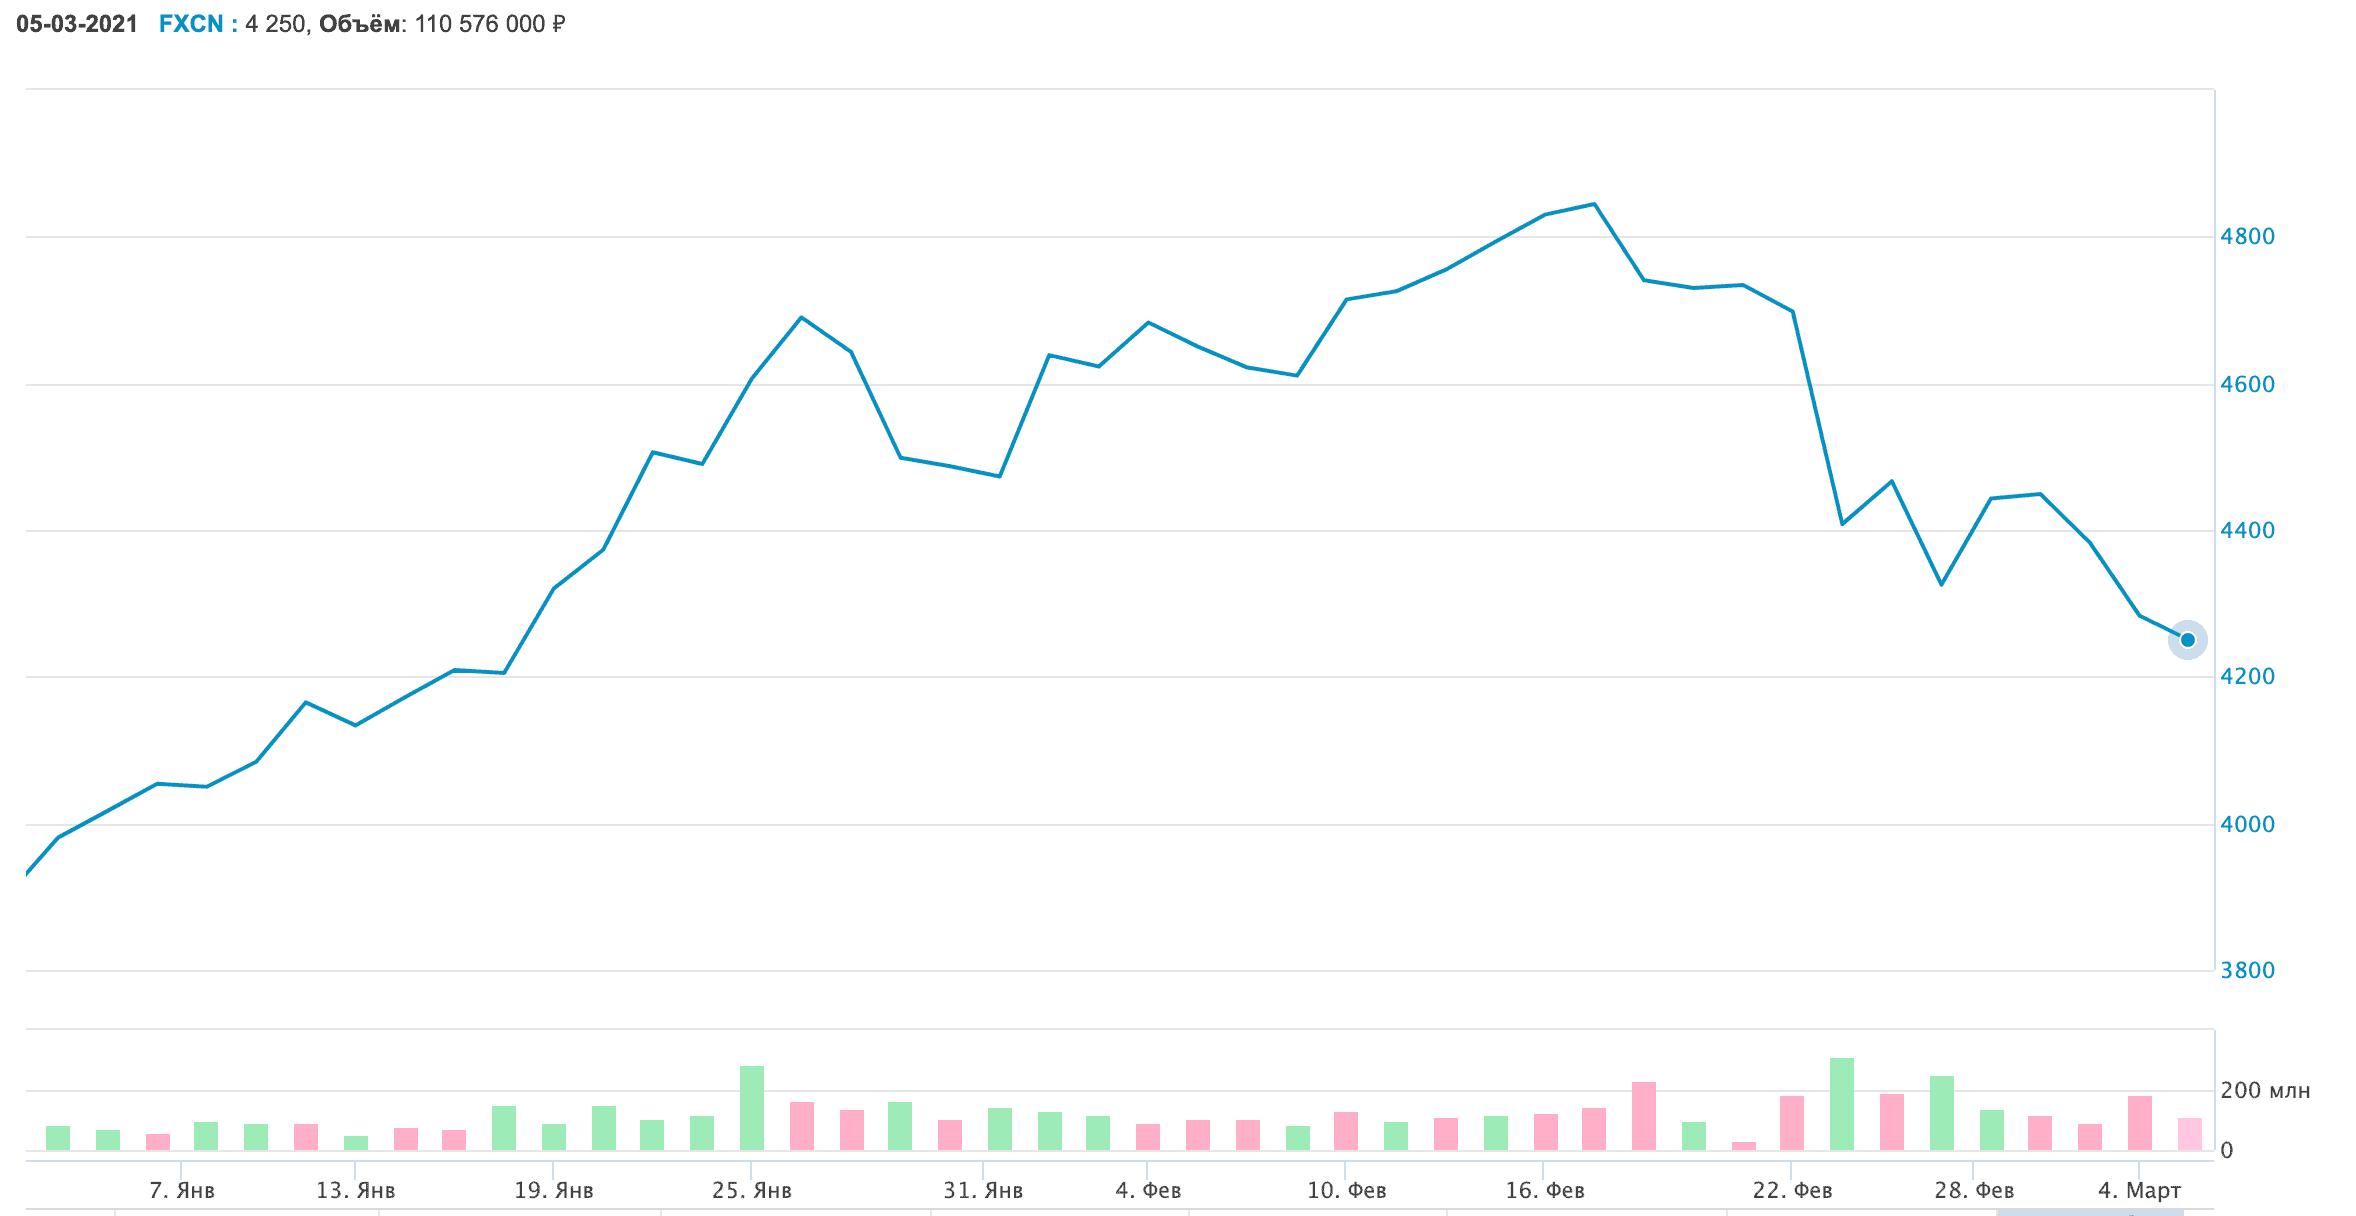 График котировок фонда FXCN в 2021 году